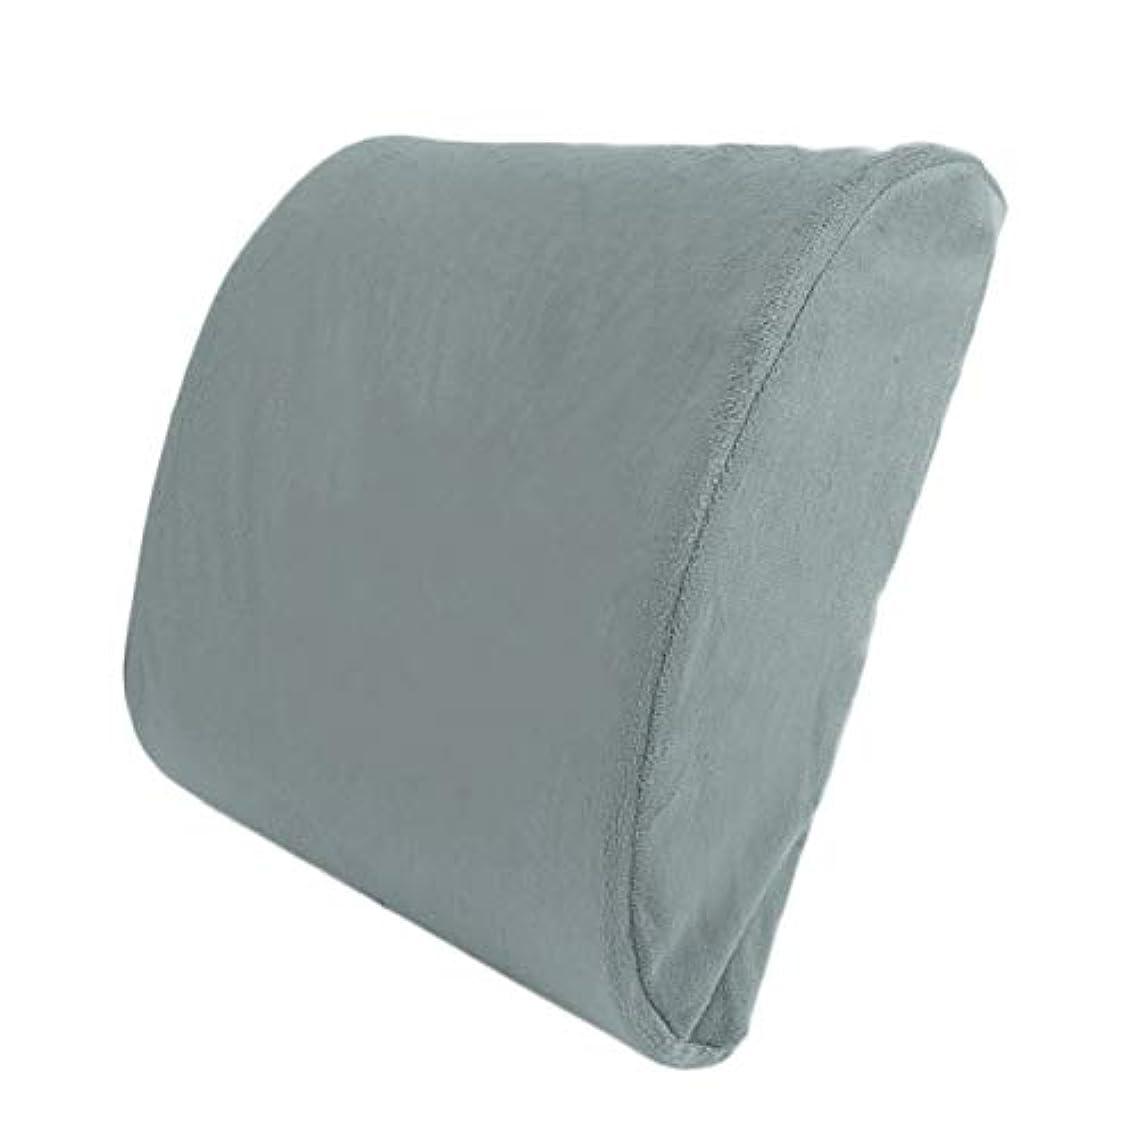 汚す手順調和Saikogoods ソフトスローリバウンドメモリ通気ヘルスケア腰椎クッションバックウエストのサポート枕シート枕ホームオフィス グレー